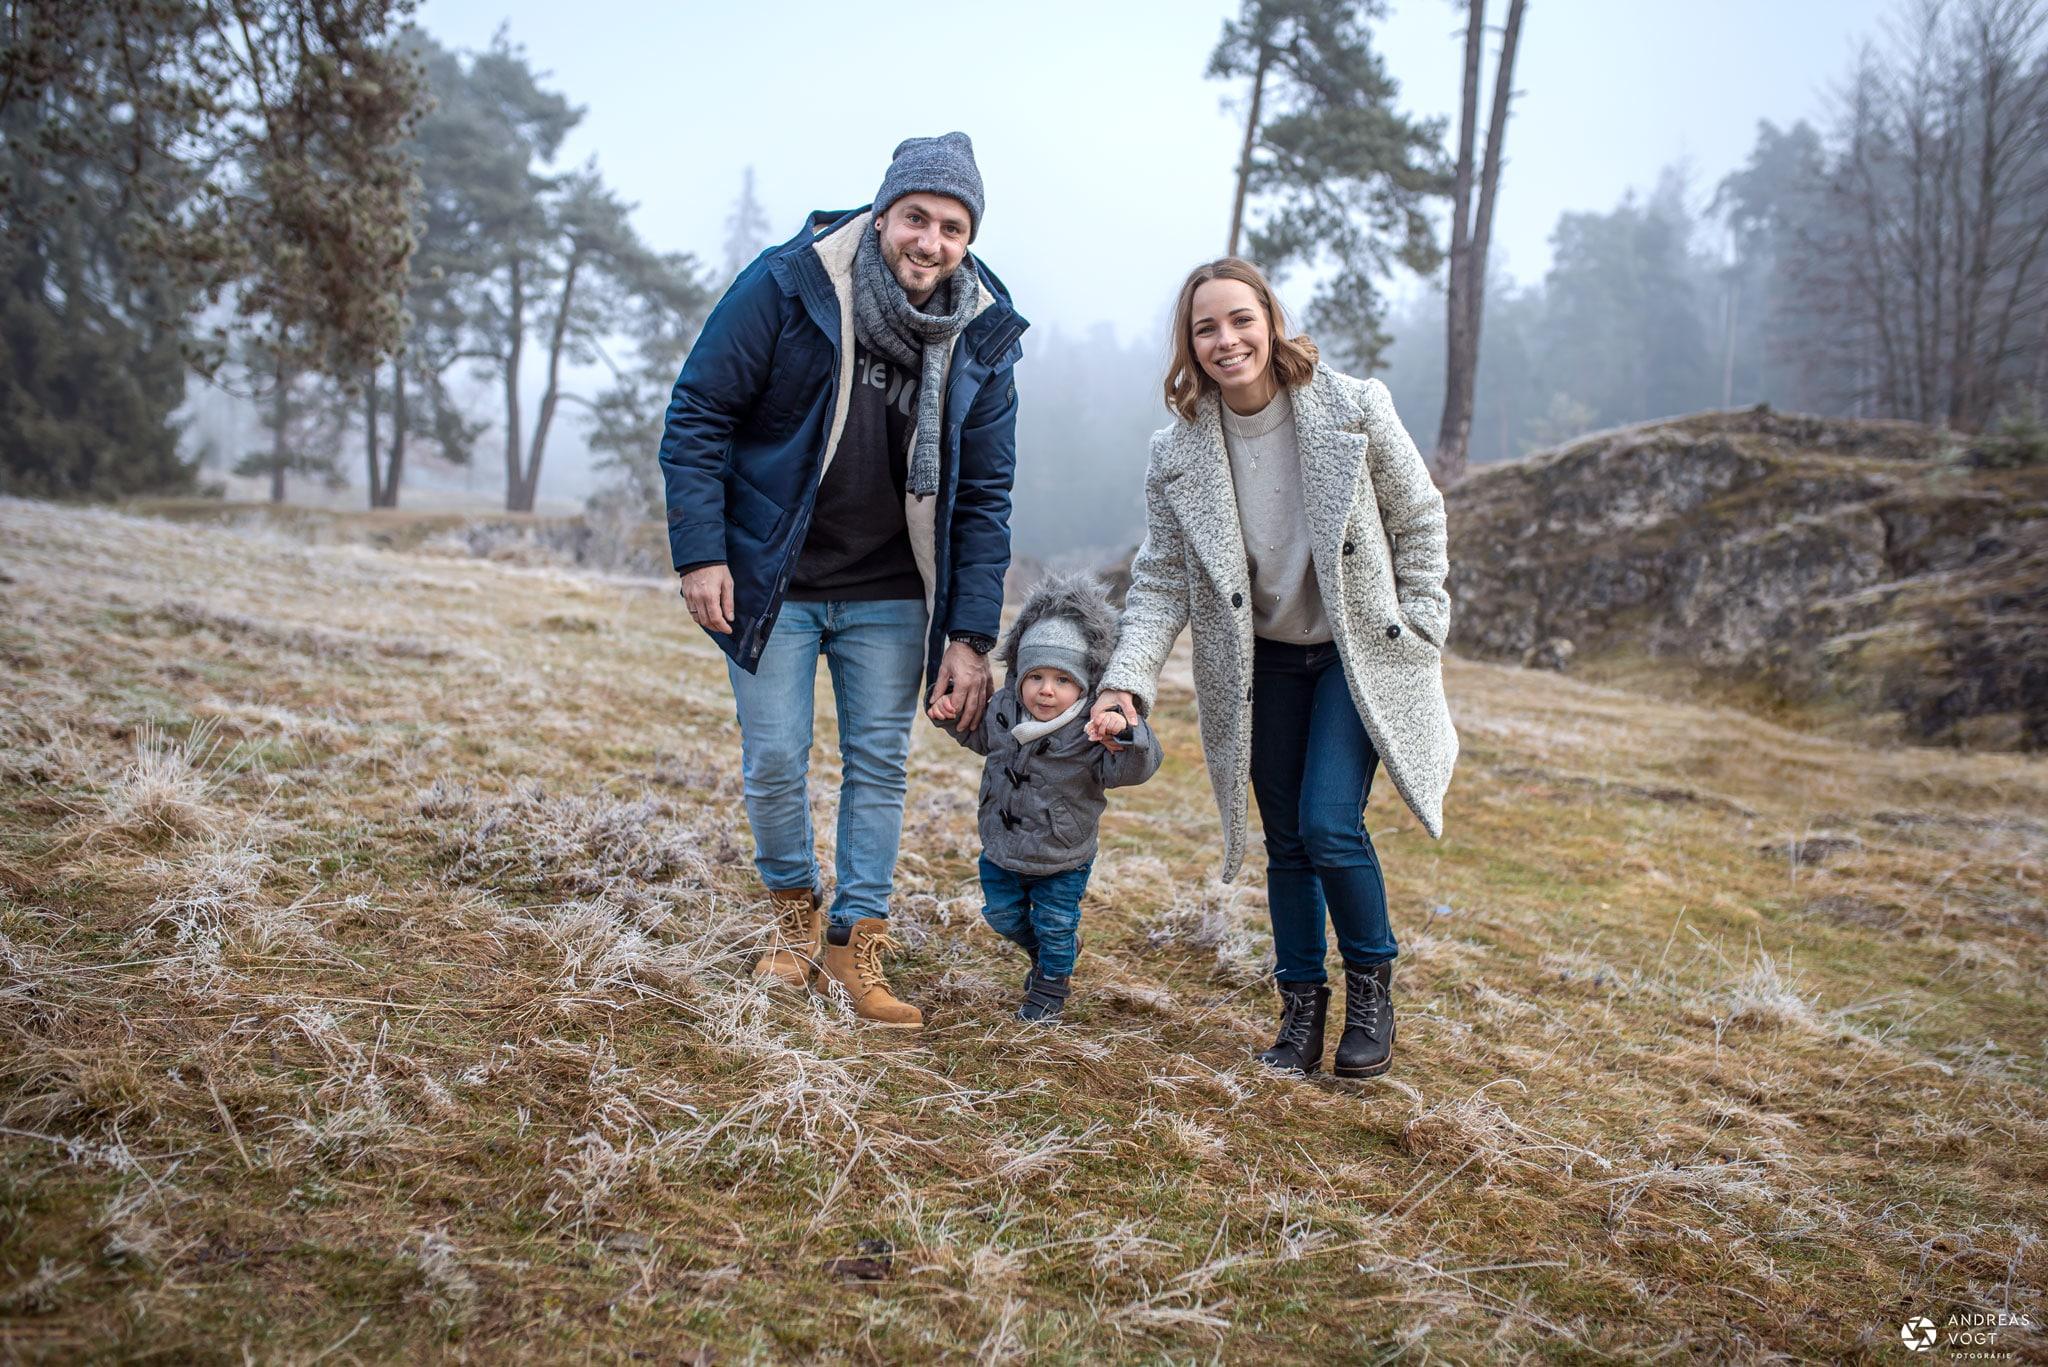 winter-familienfotos-04-andreas-vogt-fotografie-aalen